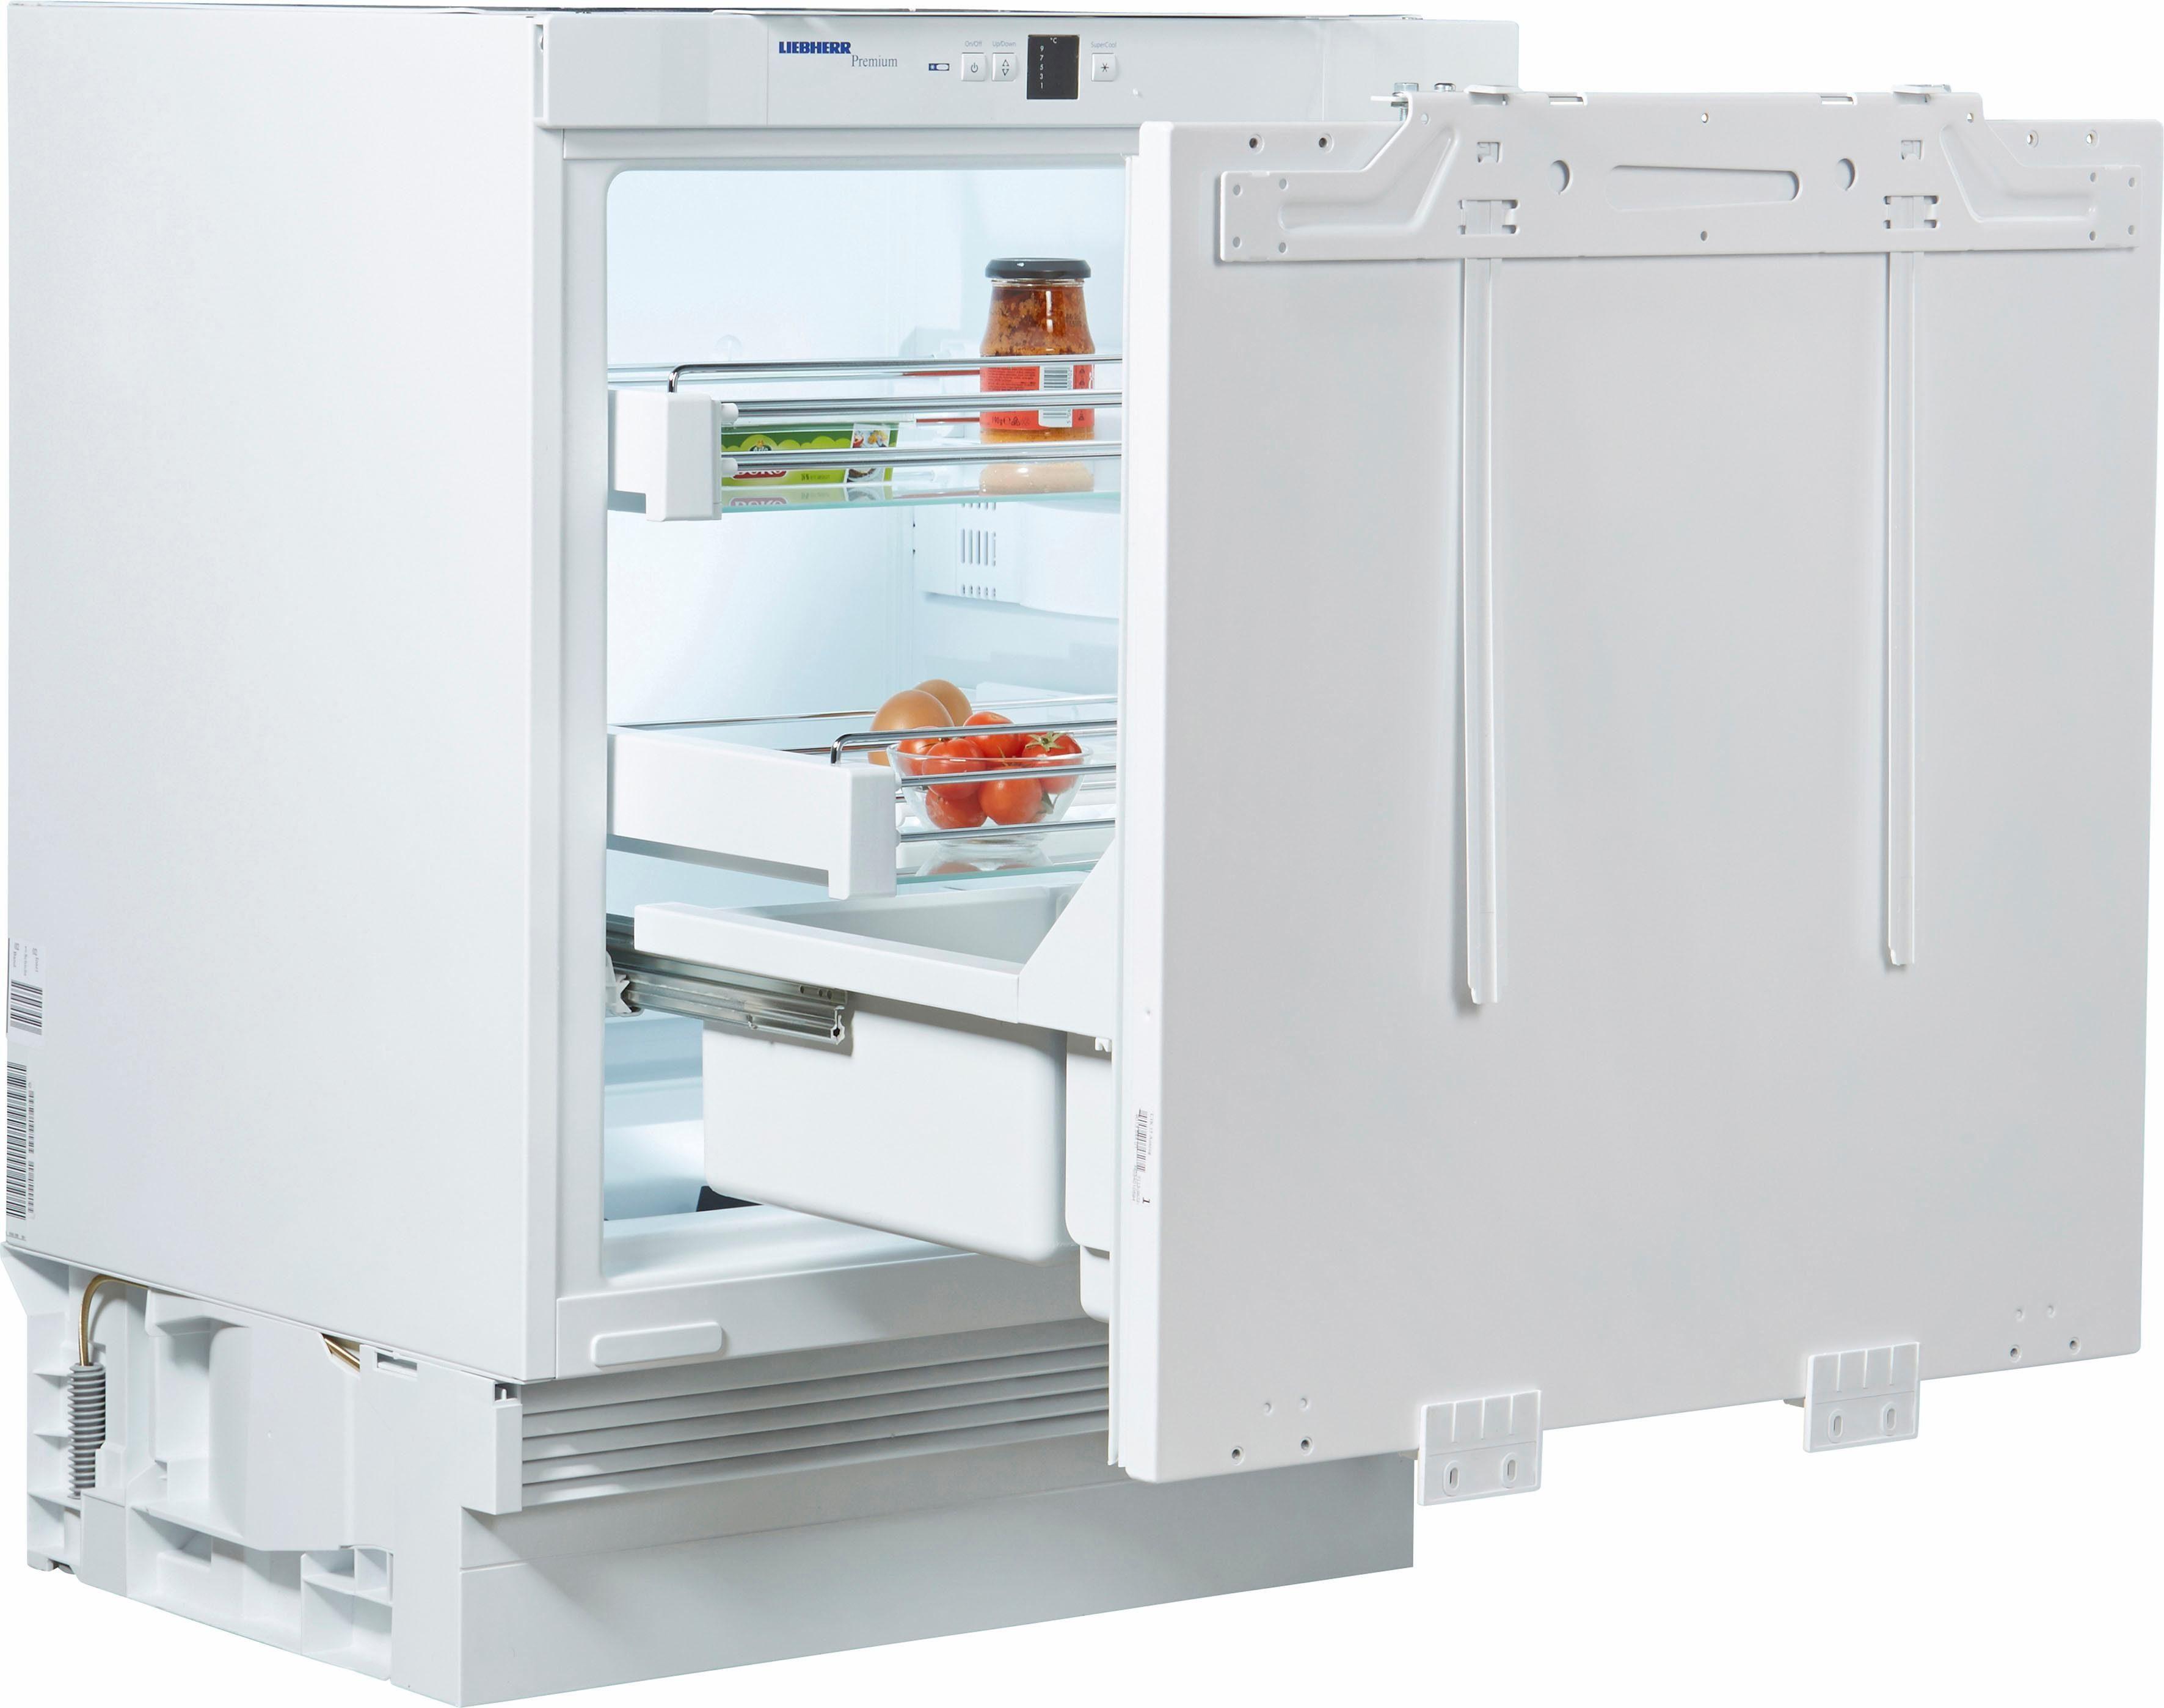 Gorenje Kühlschrank Unterbaufähig : Liebherr integrierbarer unterbau kühlschrank uik